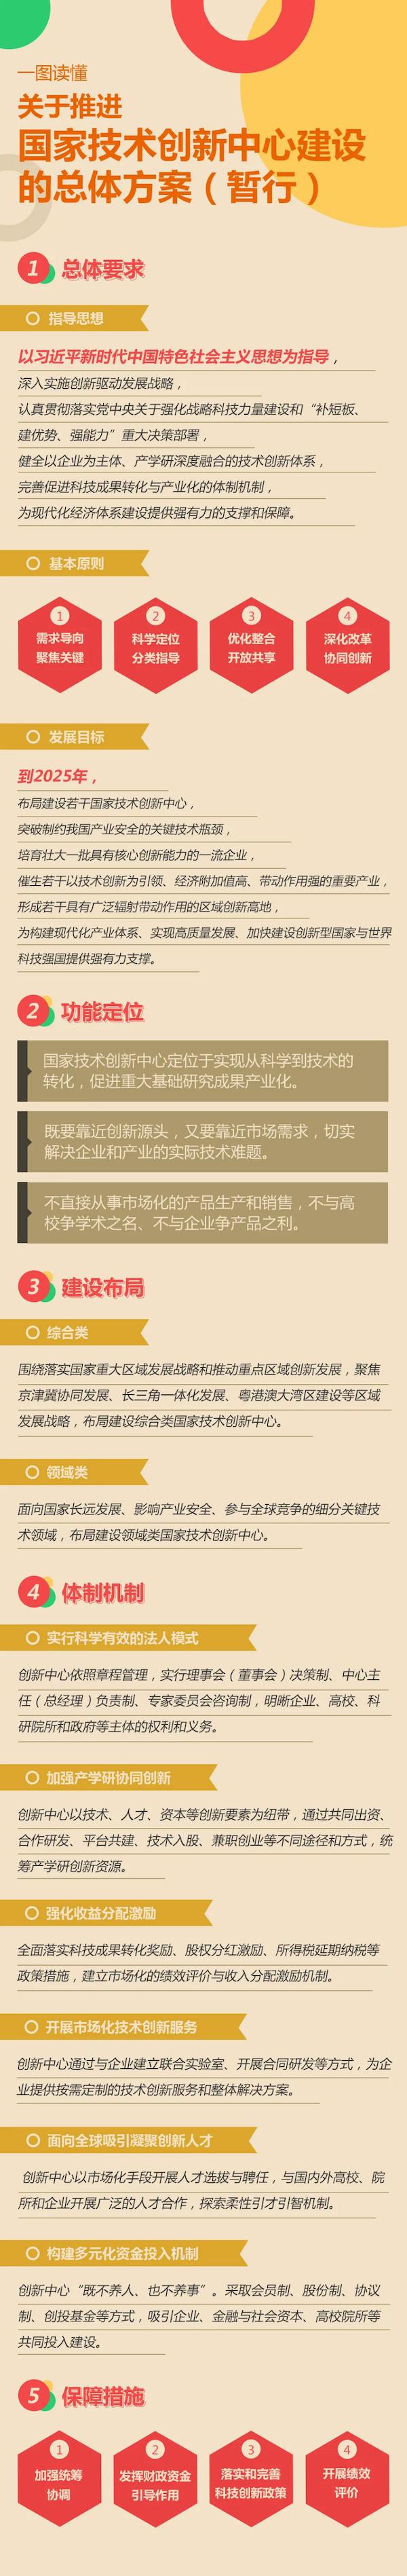 导出图片Thu Mar 26 2020 10_01_18 GMT+0800 (中国标准时间)的副本.png